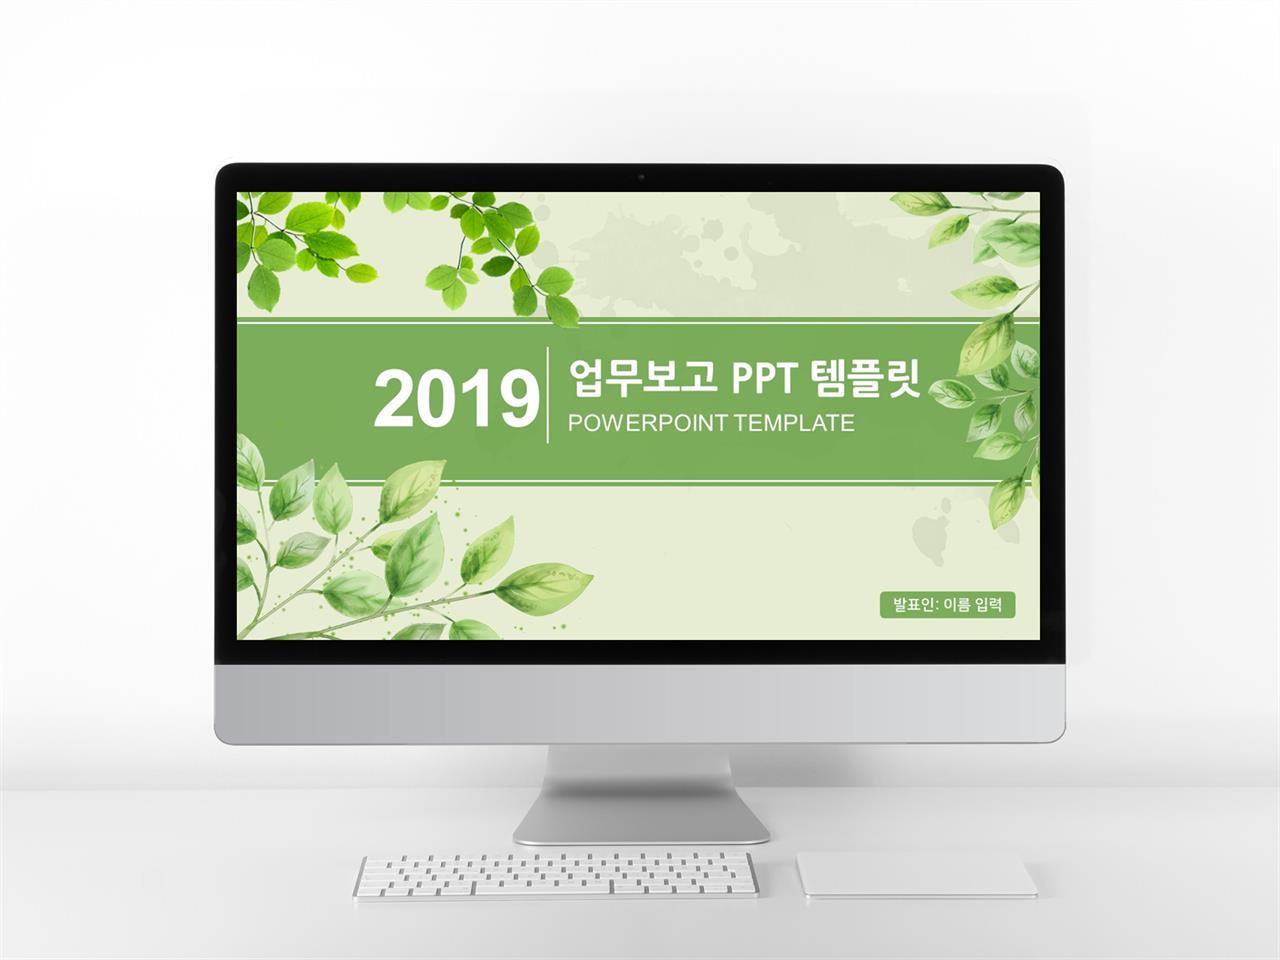 업무일지 초록색 수채화 프로급 파워포인트탬플릿 사이트 미리보기